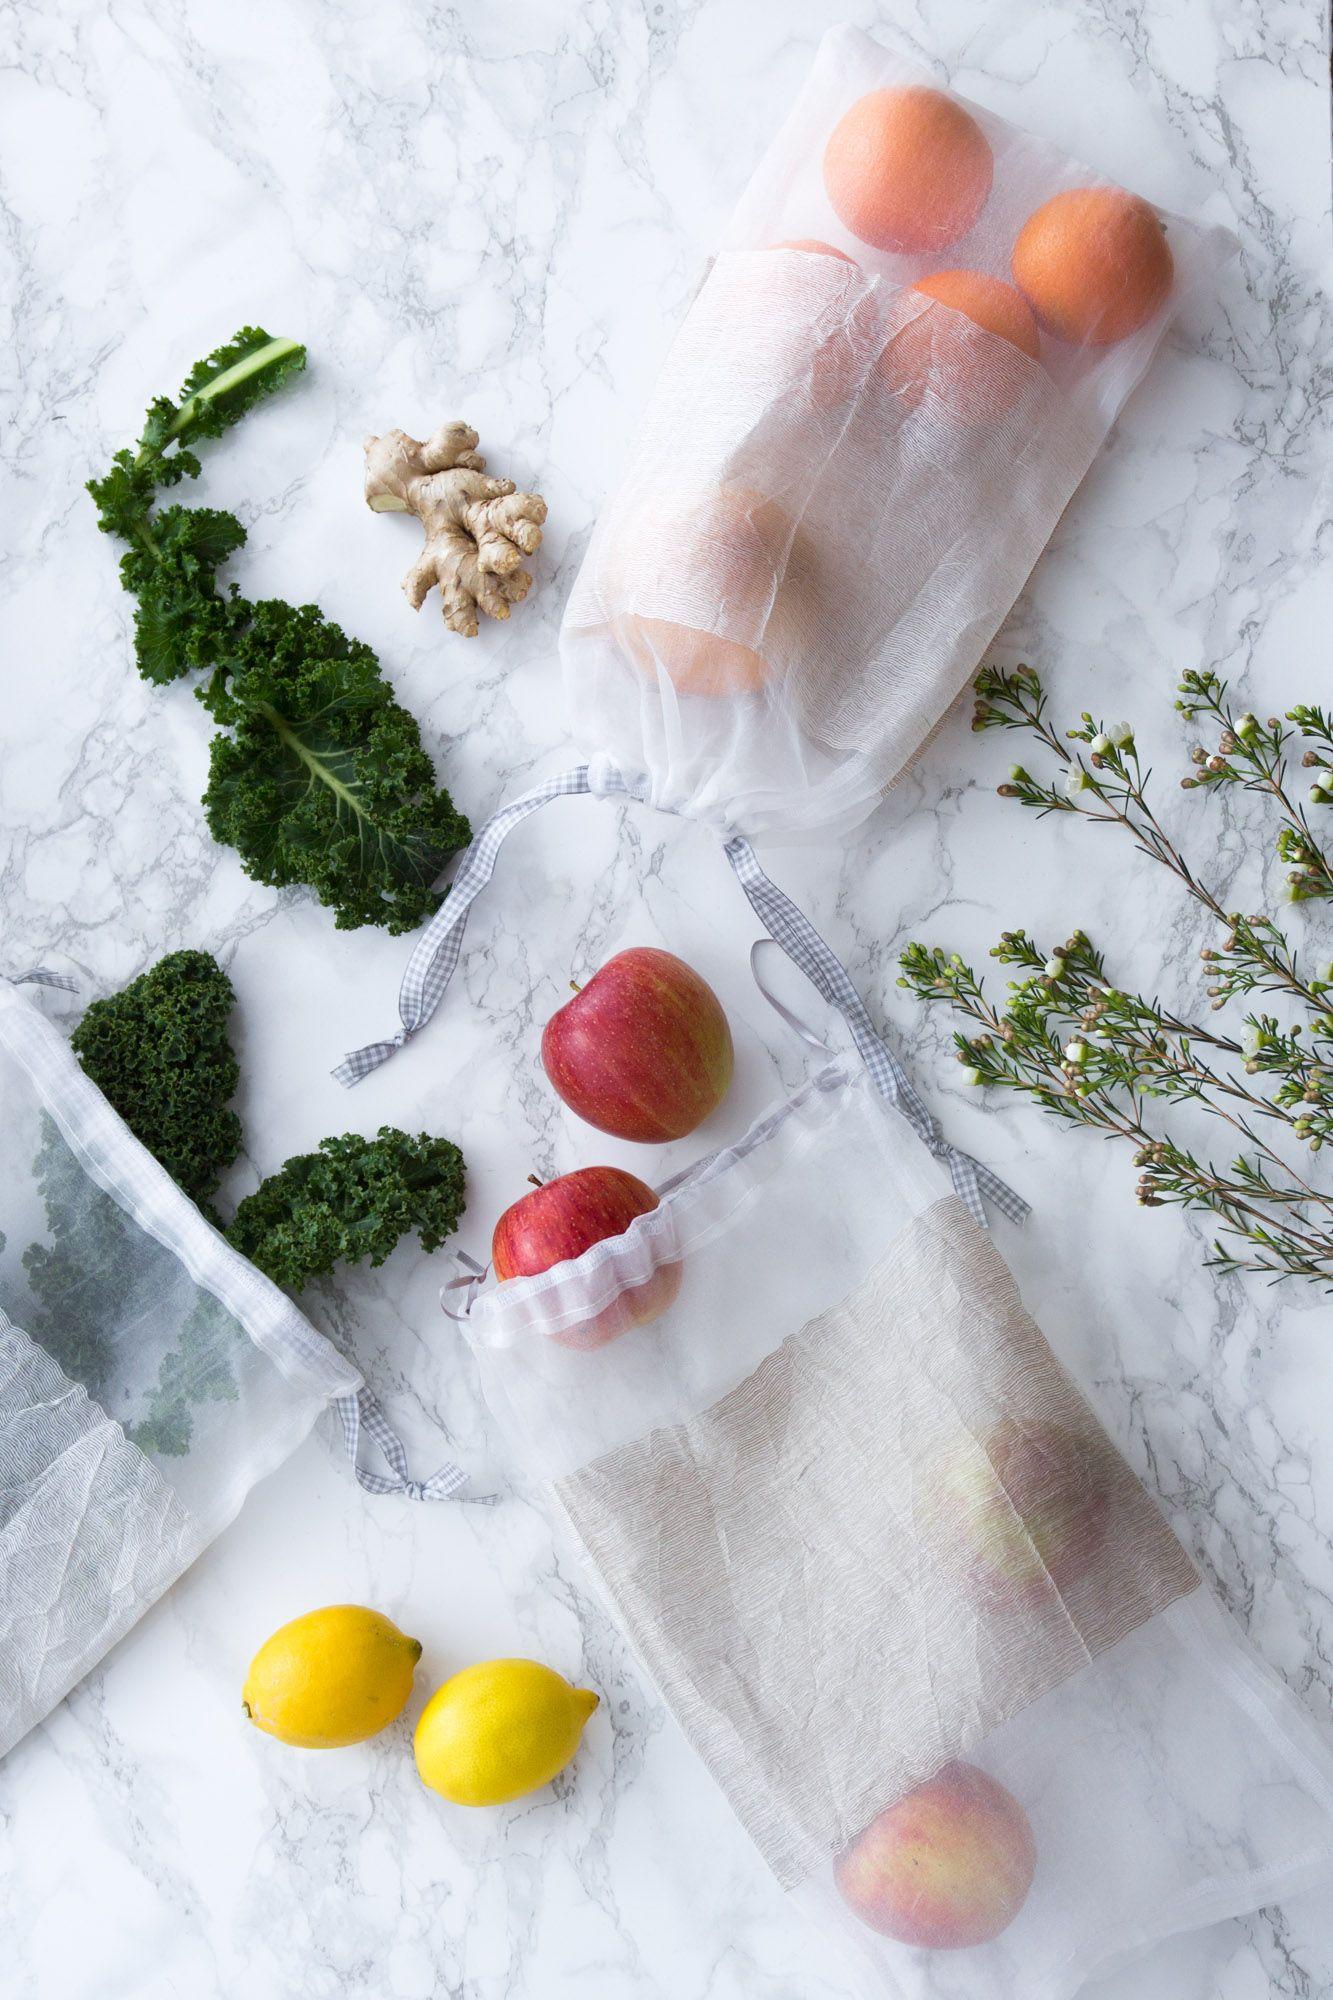 Beutel für Obst- und Gemüse nähen - Upcycling aus alten Gardinen